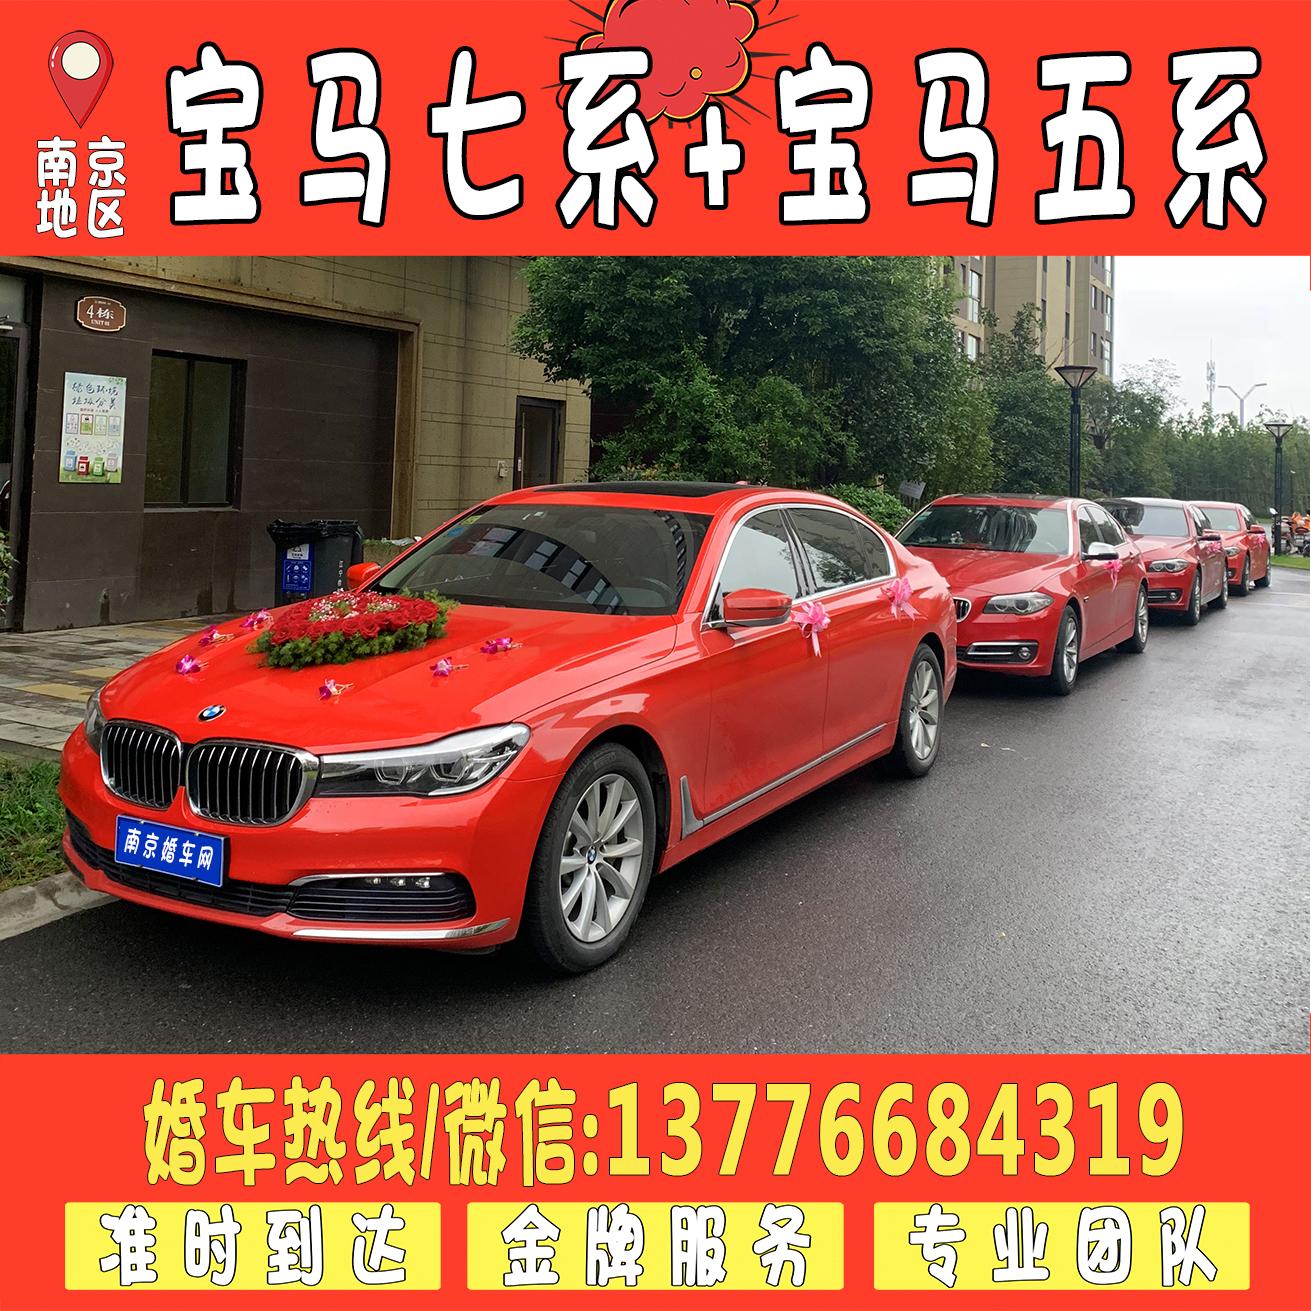 红色宝马7系主婚车+5台红色宝马5系